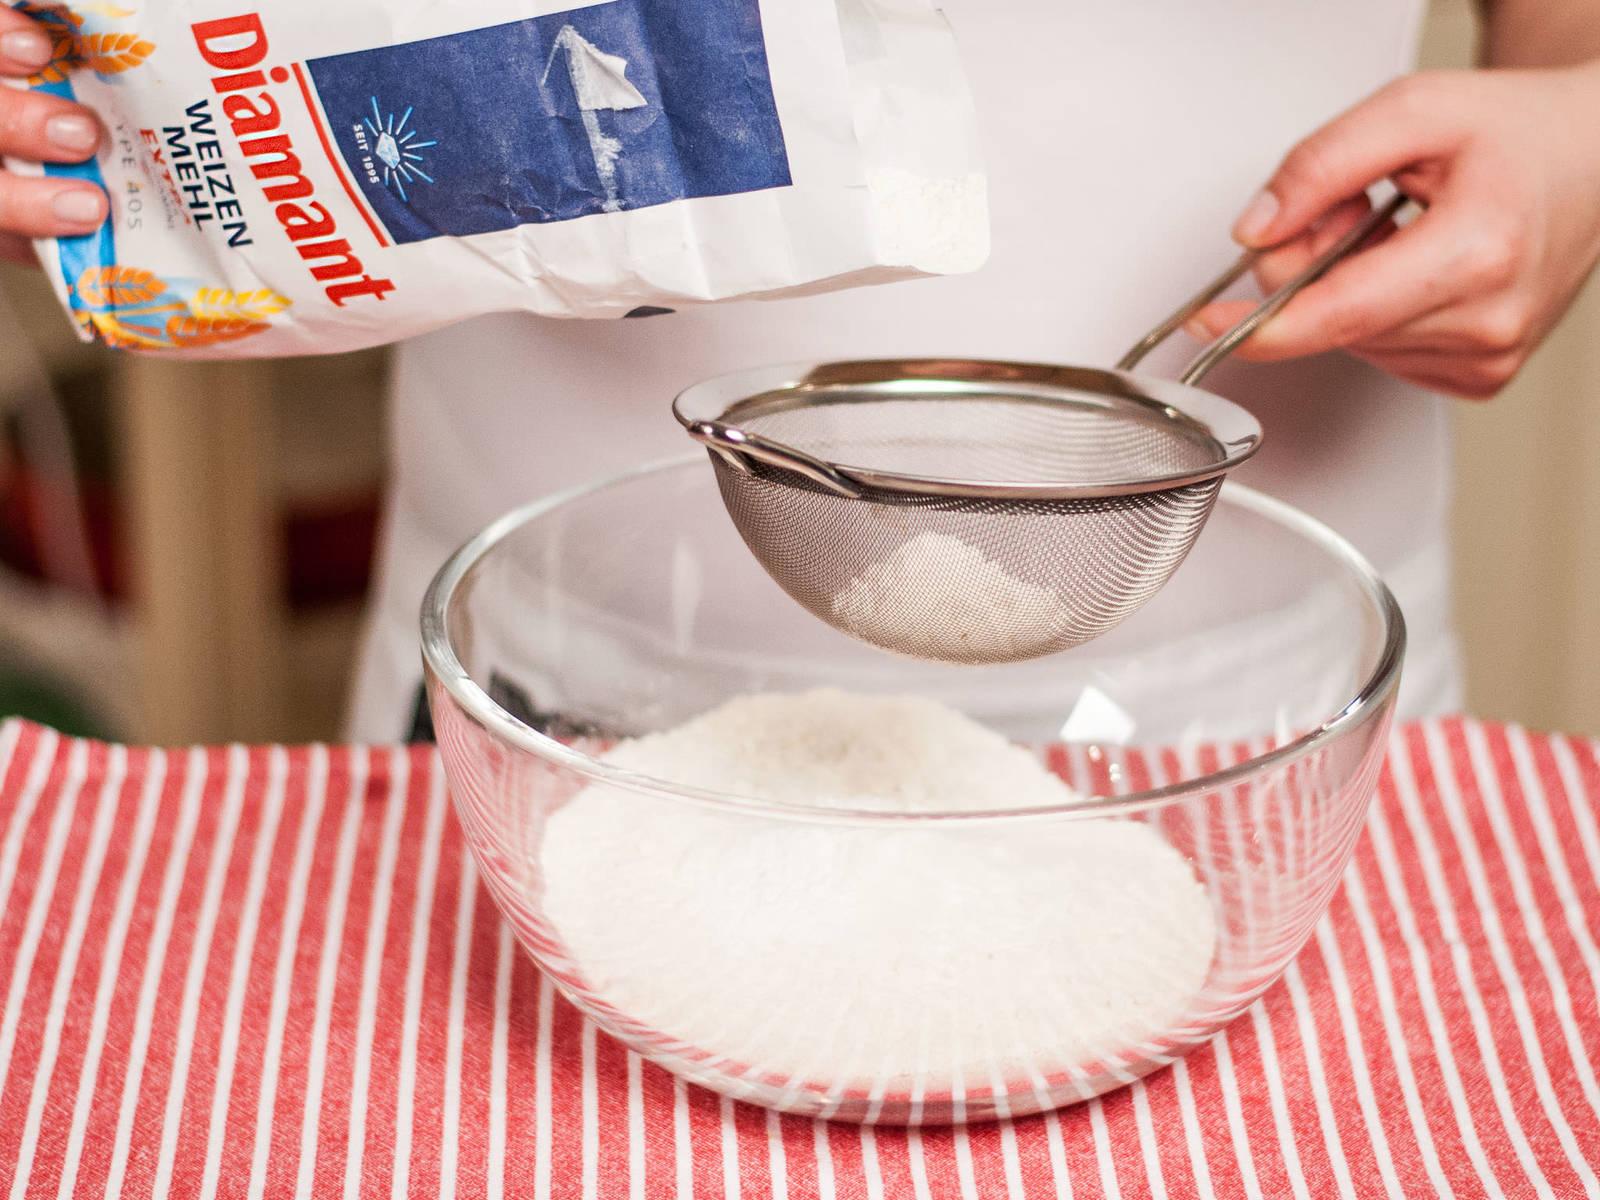 将面粉、泡打粉和盐过筛到另一碗中。倒入黄油混合物,搅打至面糊顺滑。